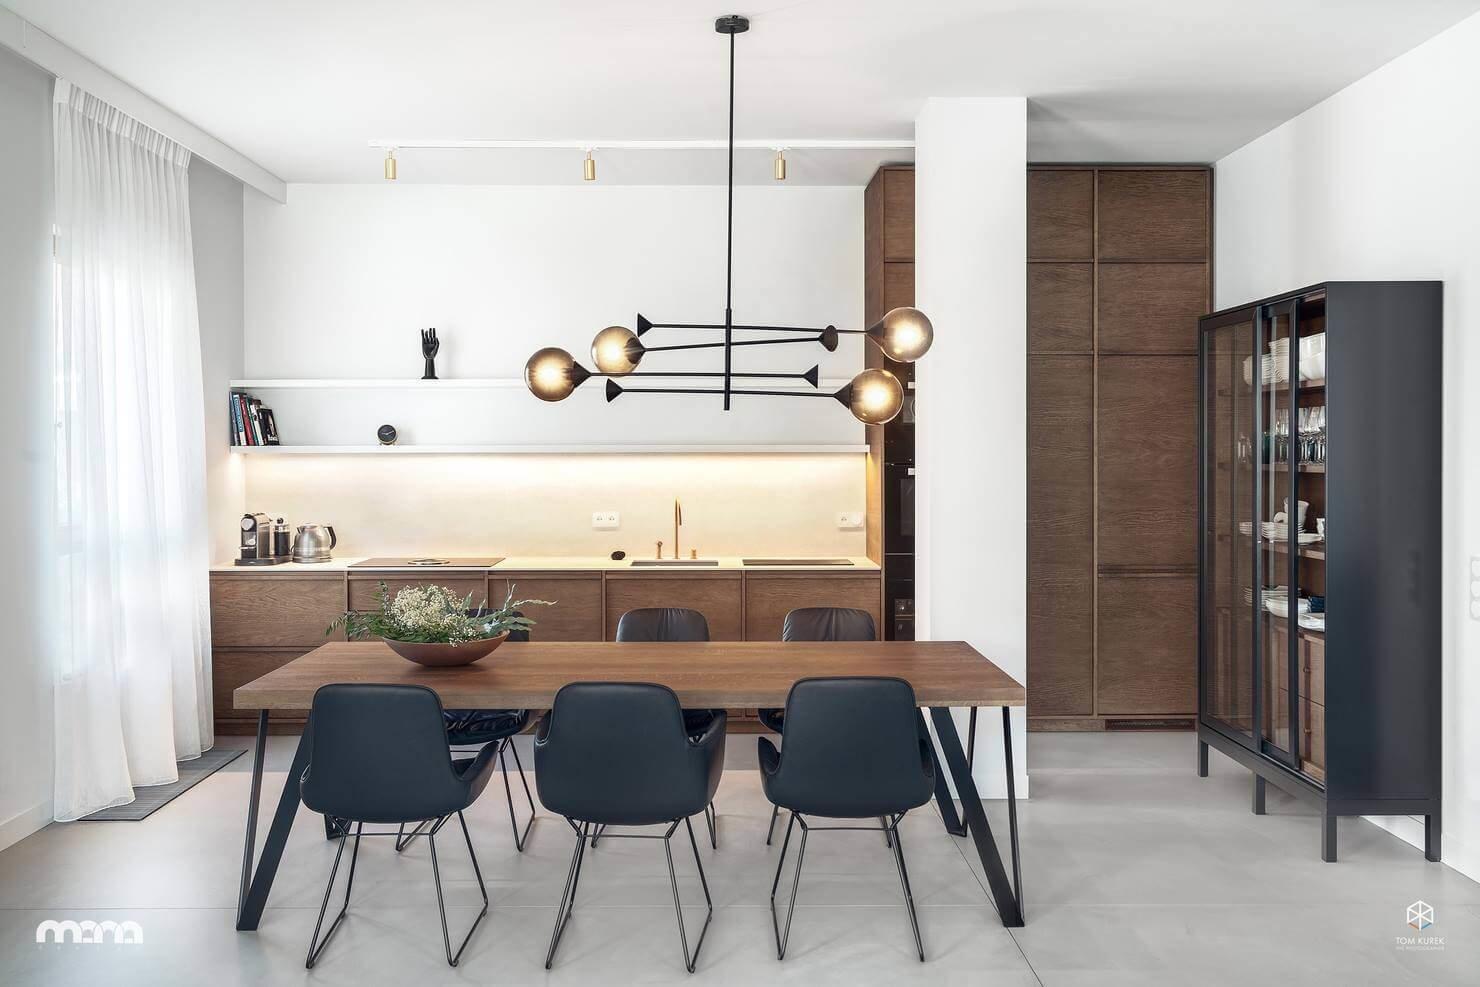 В интерьере гостиной прослеживается мягкое сочетание особенностей стилистических направлений в дизайне интерьера второй половины ХХ века